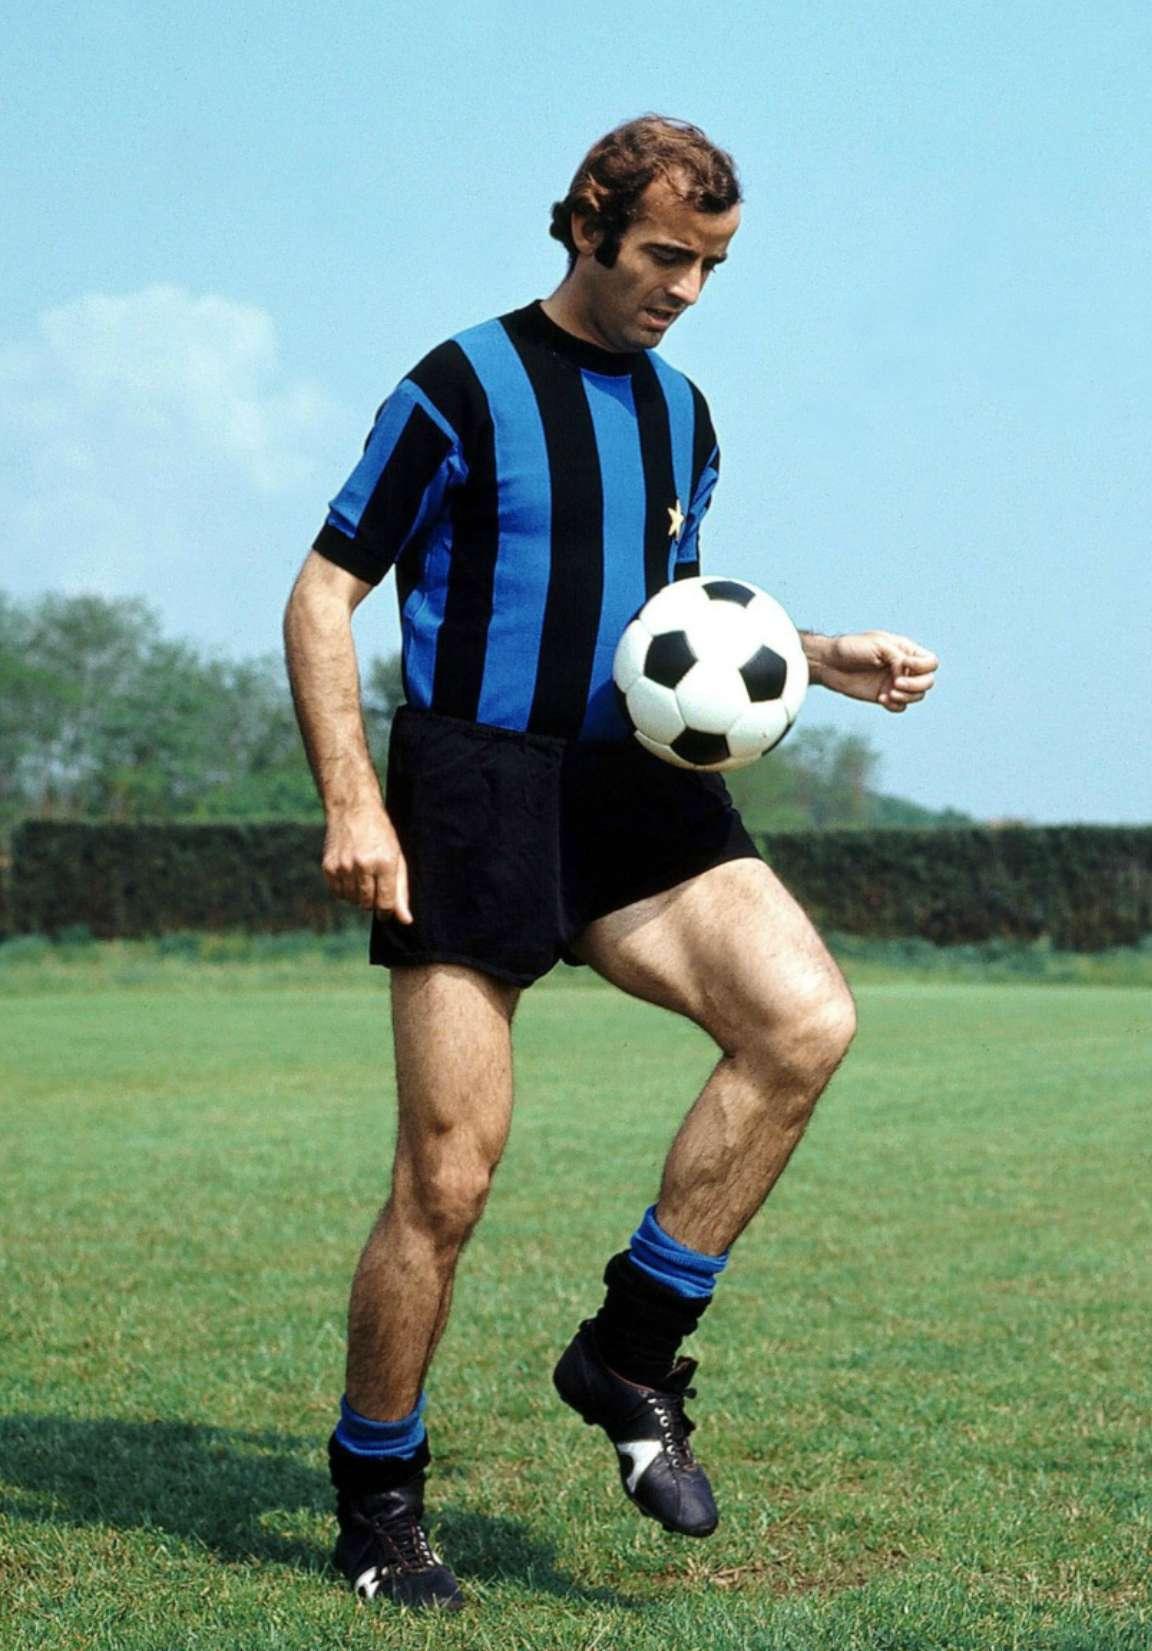 Lutto nel calcio, è morto Mario Corso: fuoriclasse dell'Inter di Herrera